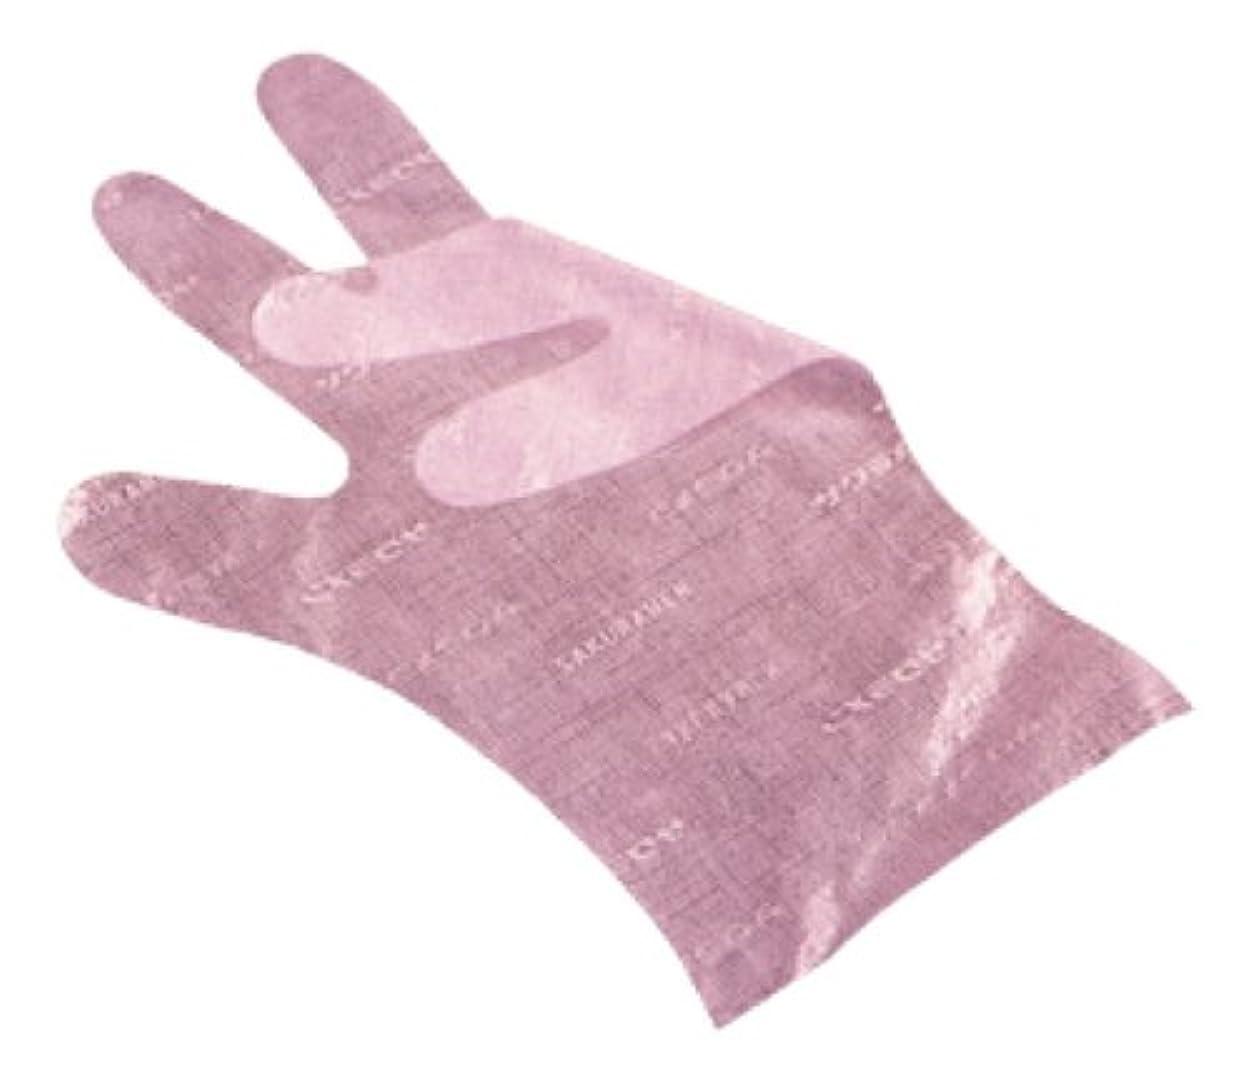 水陸両用耕す尋ねるサクラメン手袋 デラックス(100枚入)M ピンク 35μ